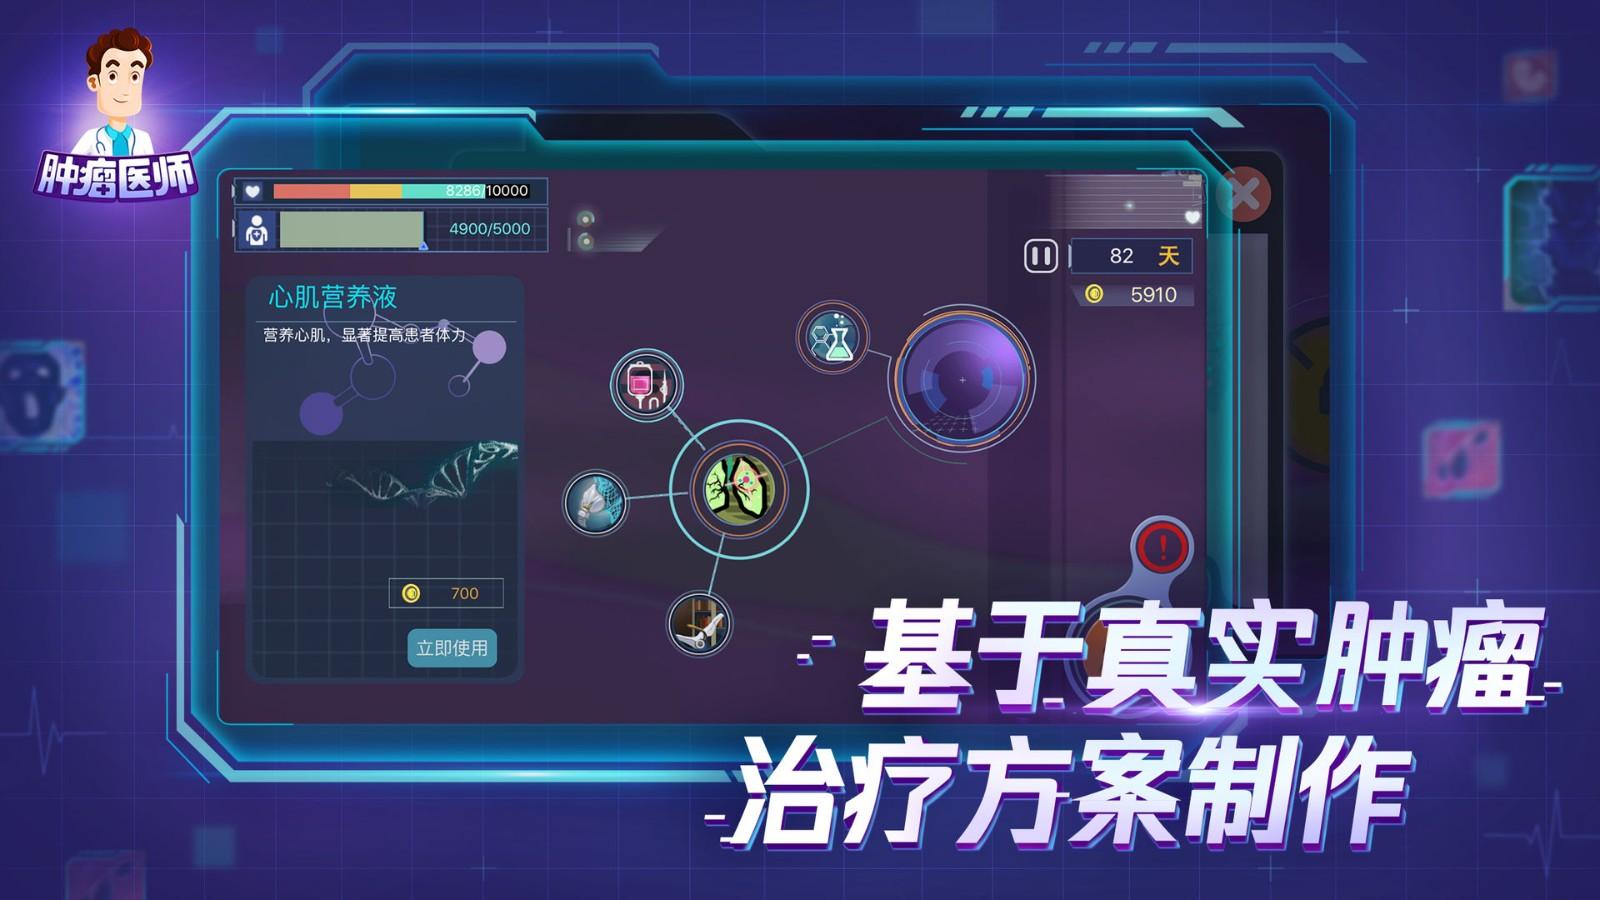 肿瘤医生中文版安卓最新版